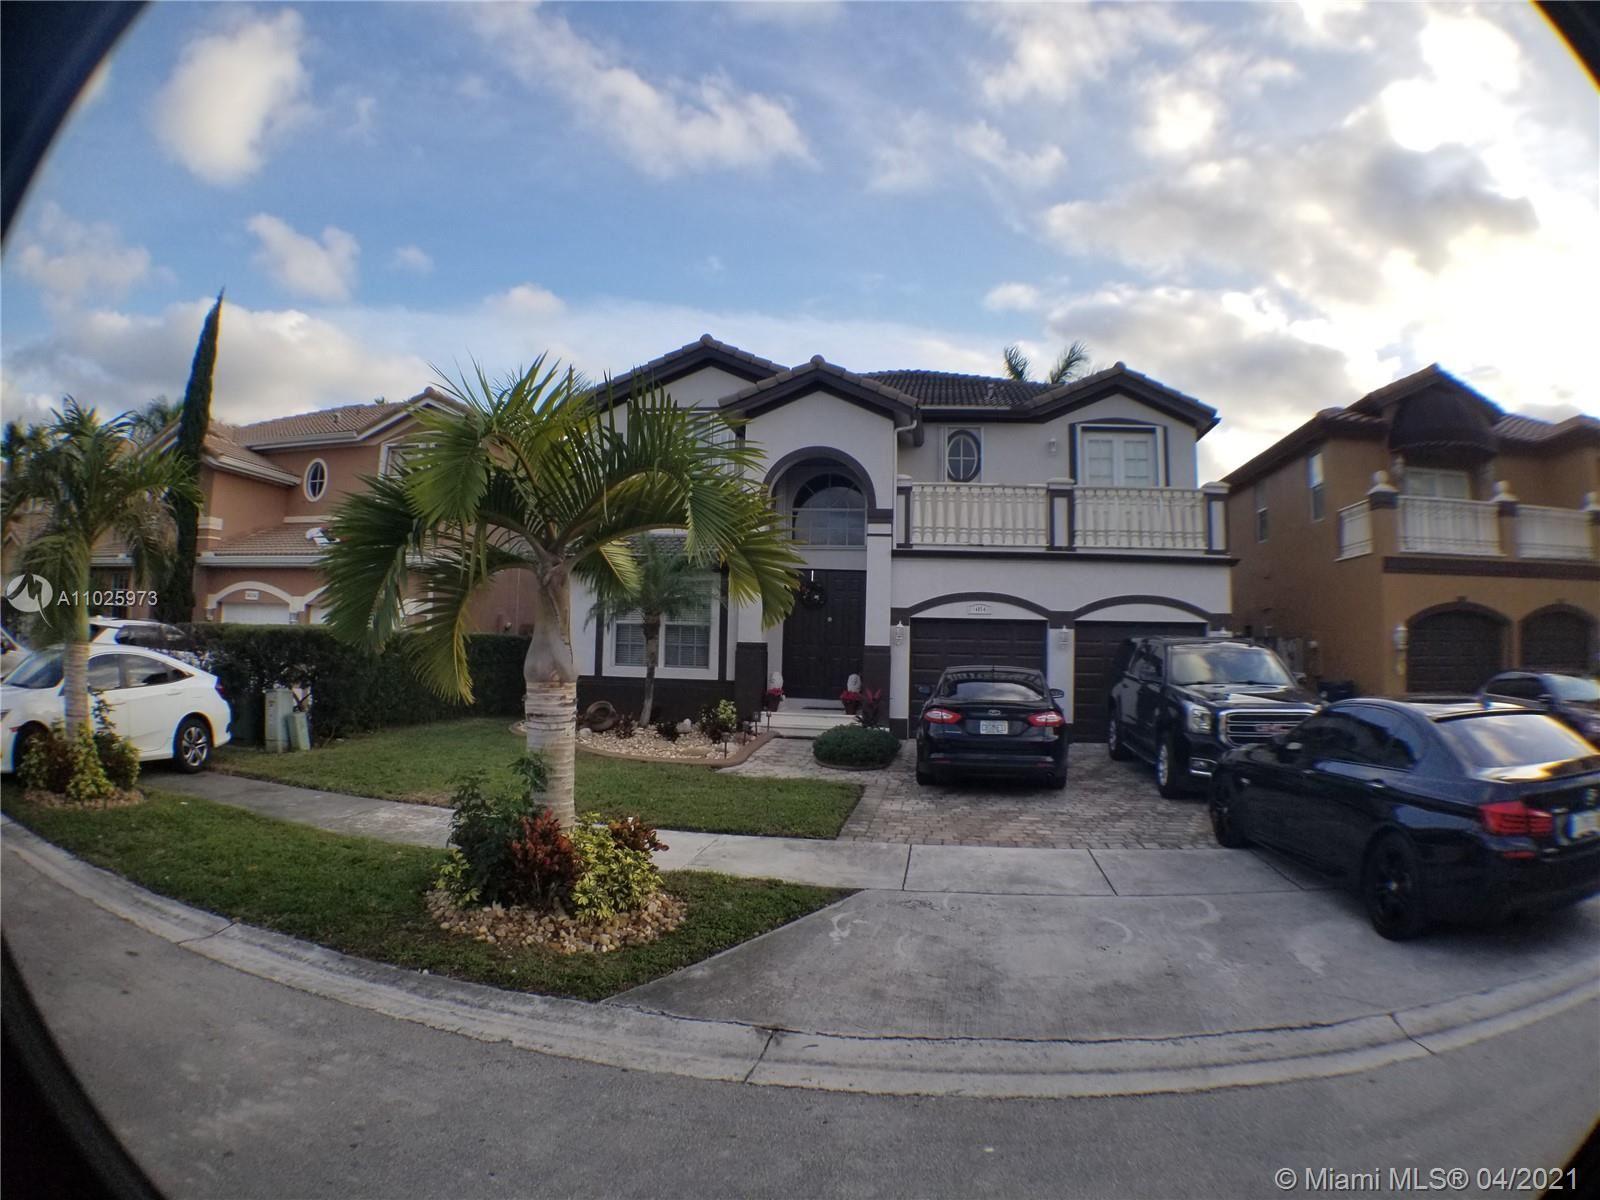 Miami, FL 33177